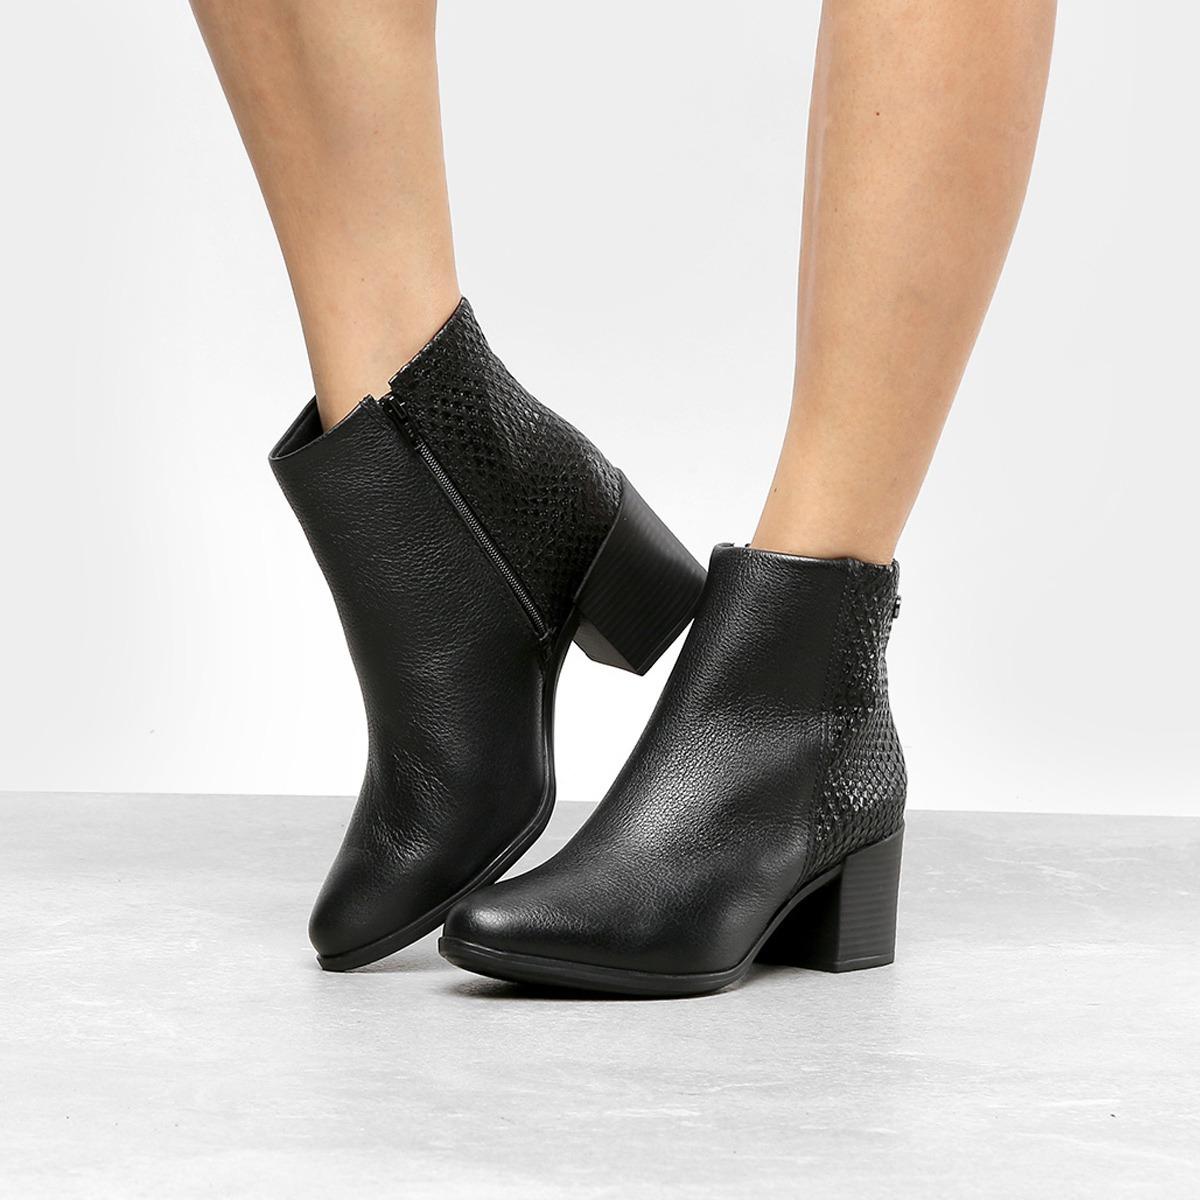 3cc921ab0 bota feminina bonita couro legitimo bottero - preto promoção. Carregando  zoom.